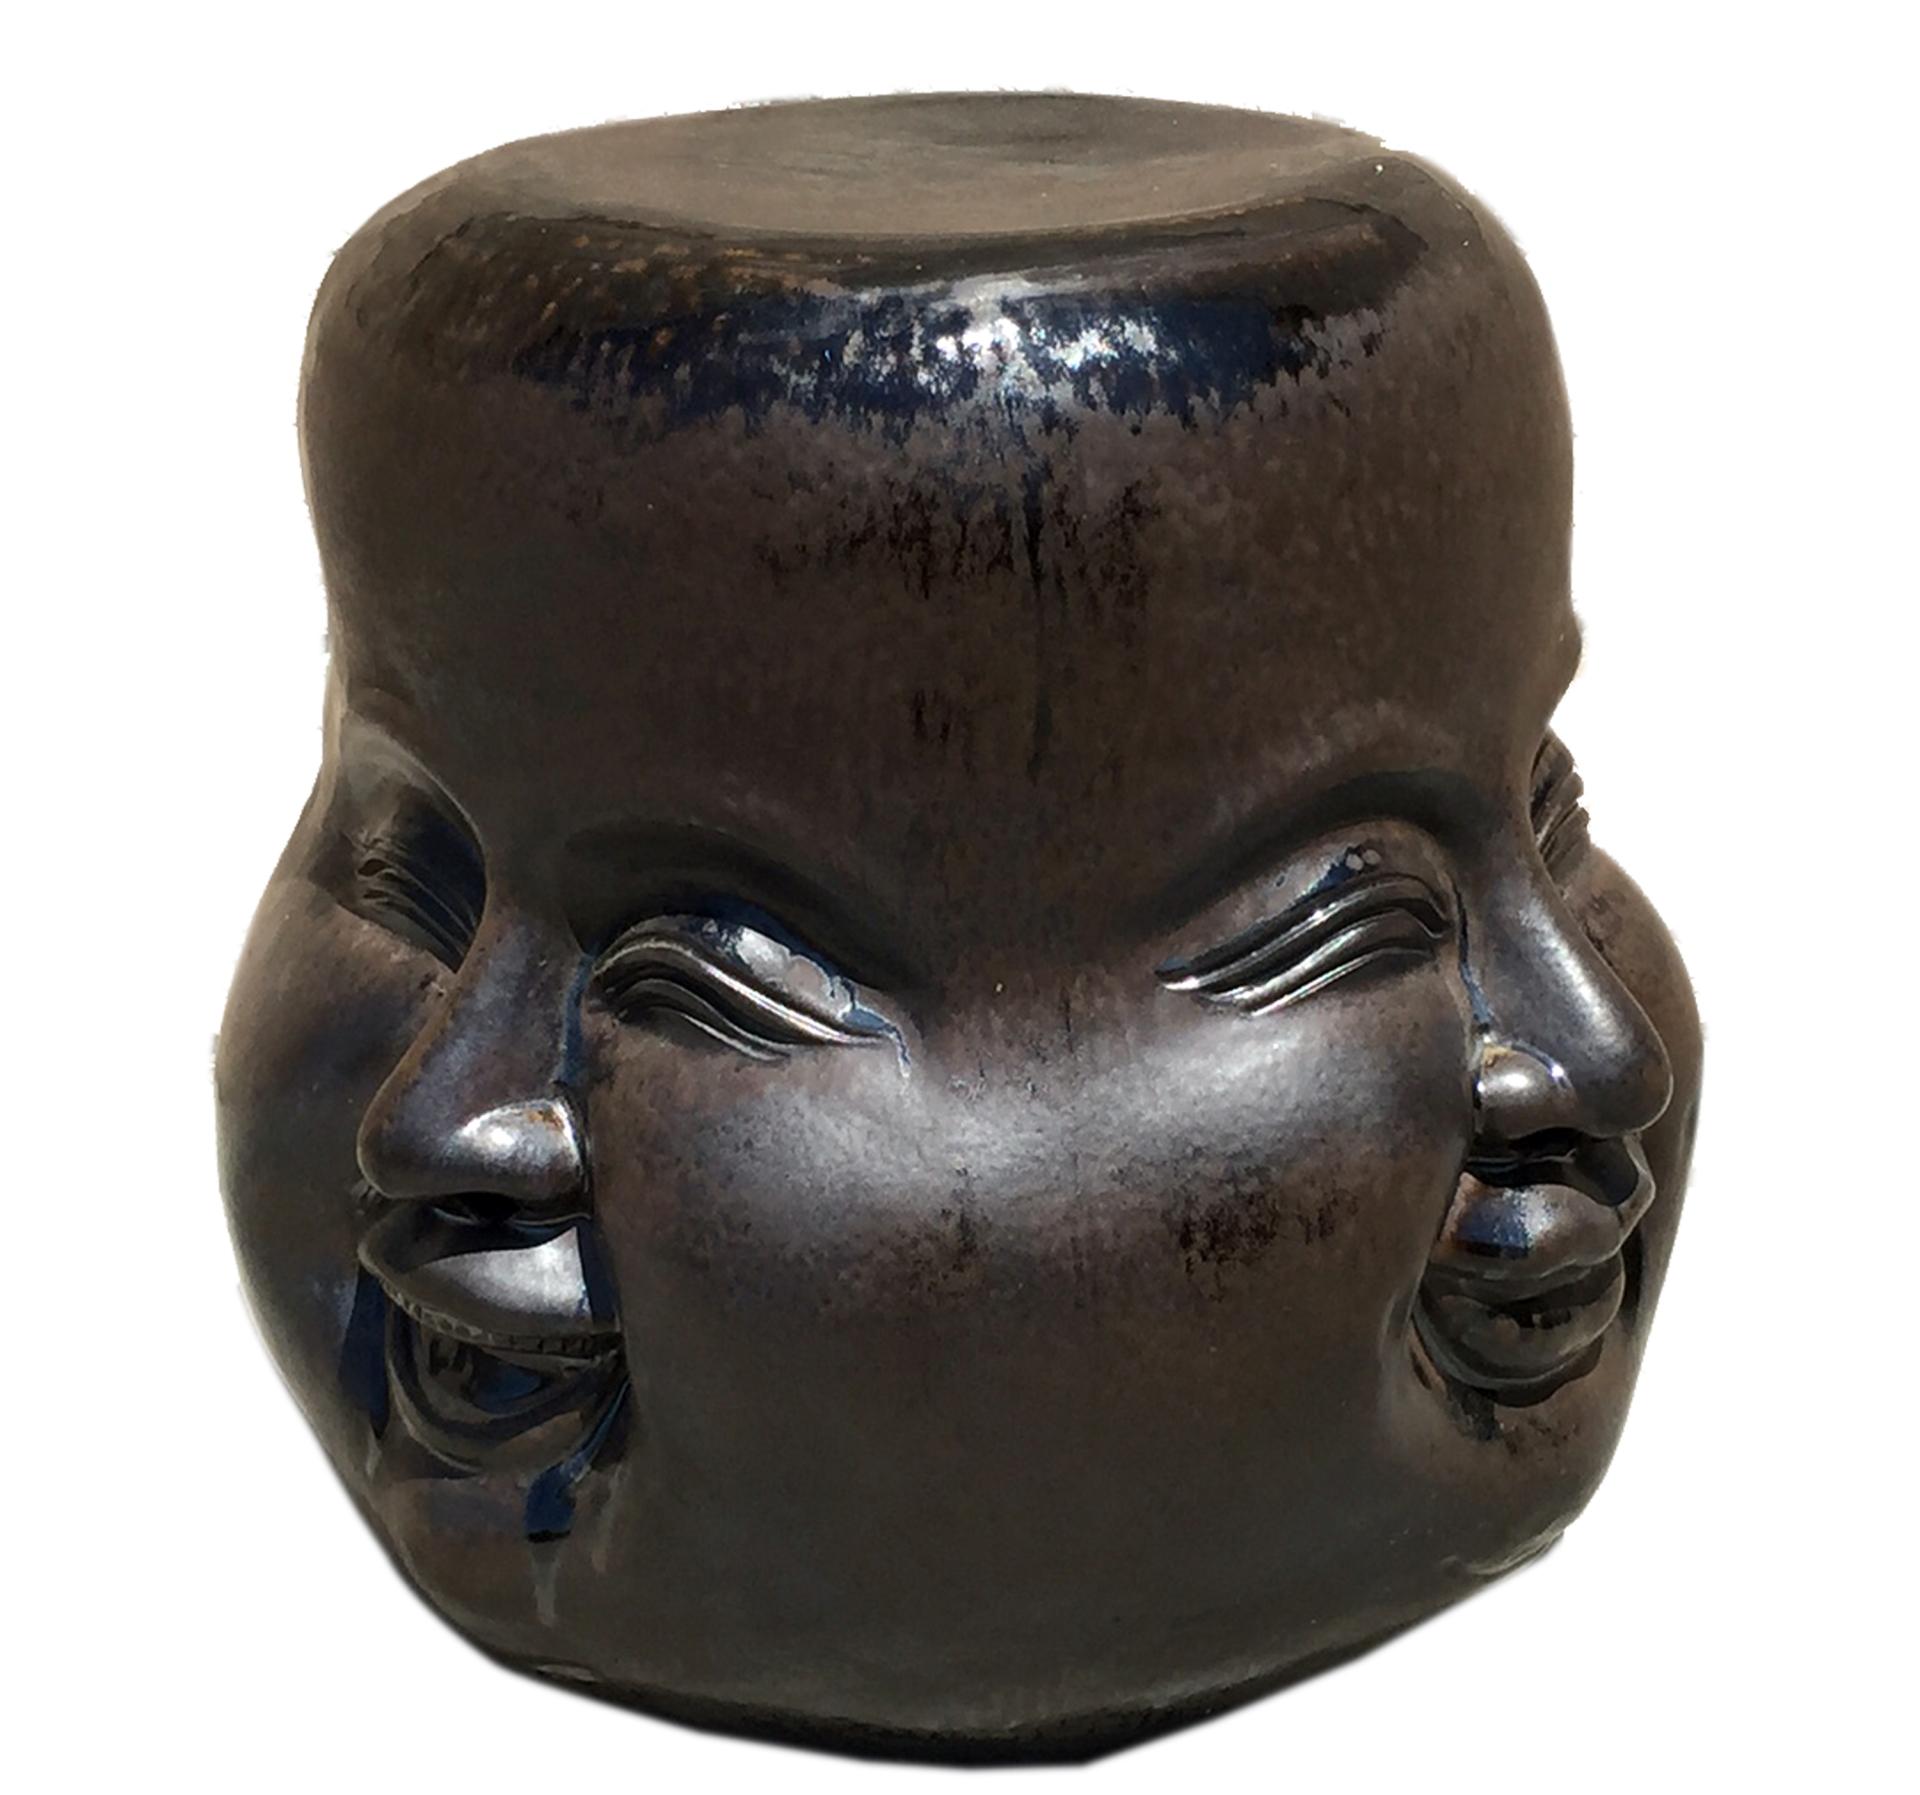 ceramic four face stool in dark color